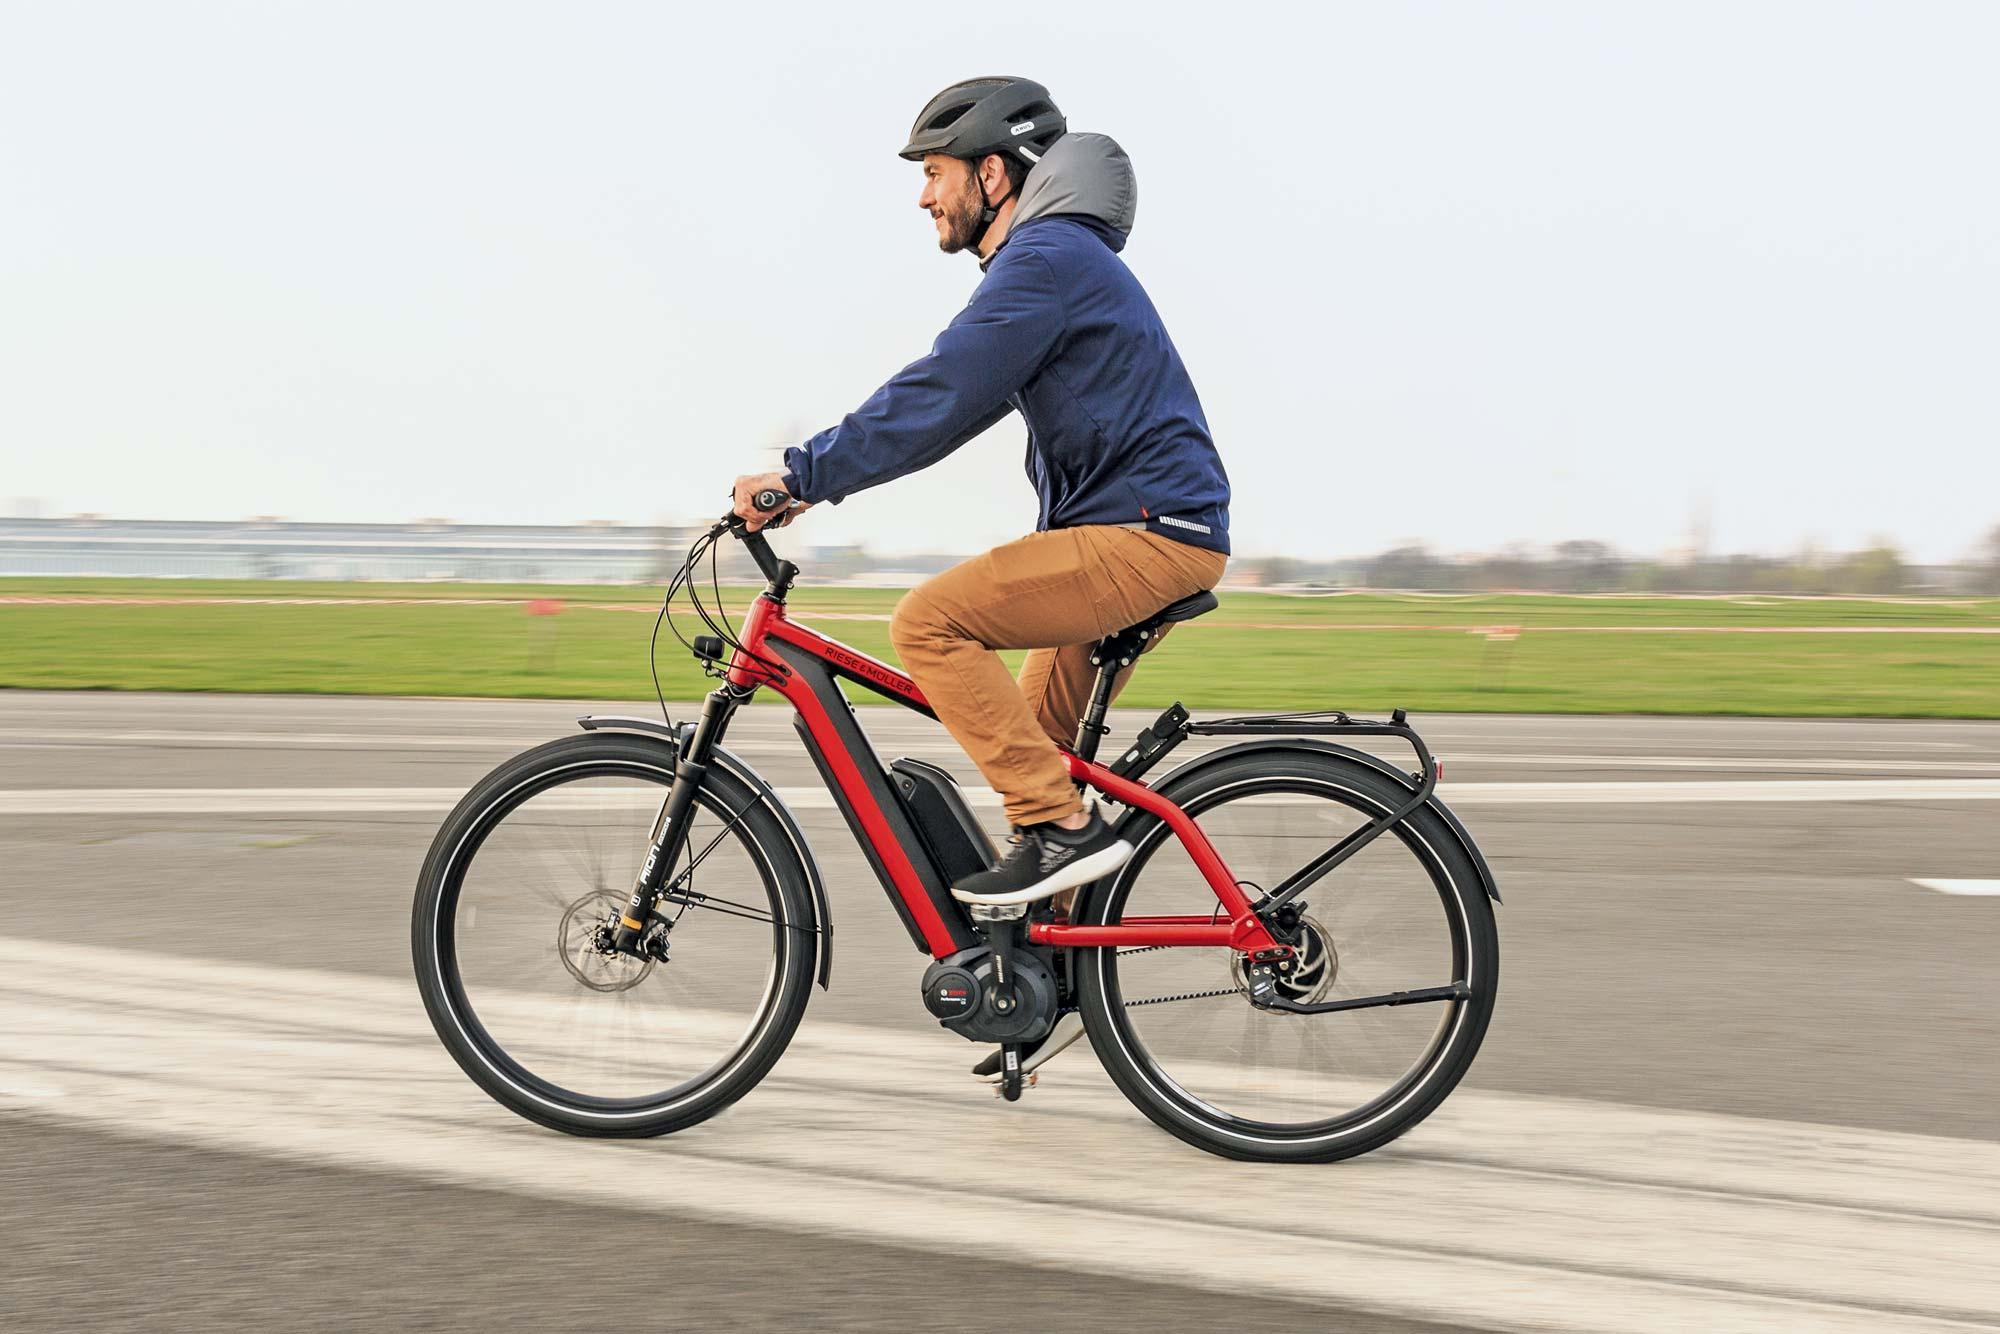 Die schöne Seite des e-Bikes: Flott unterwegs © Velo Berlin